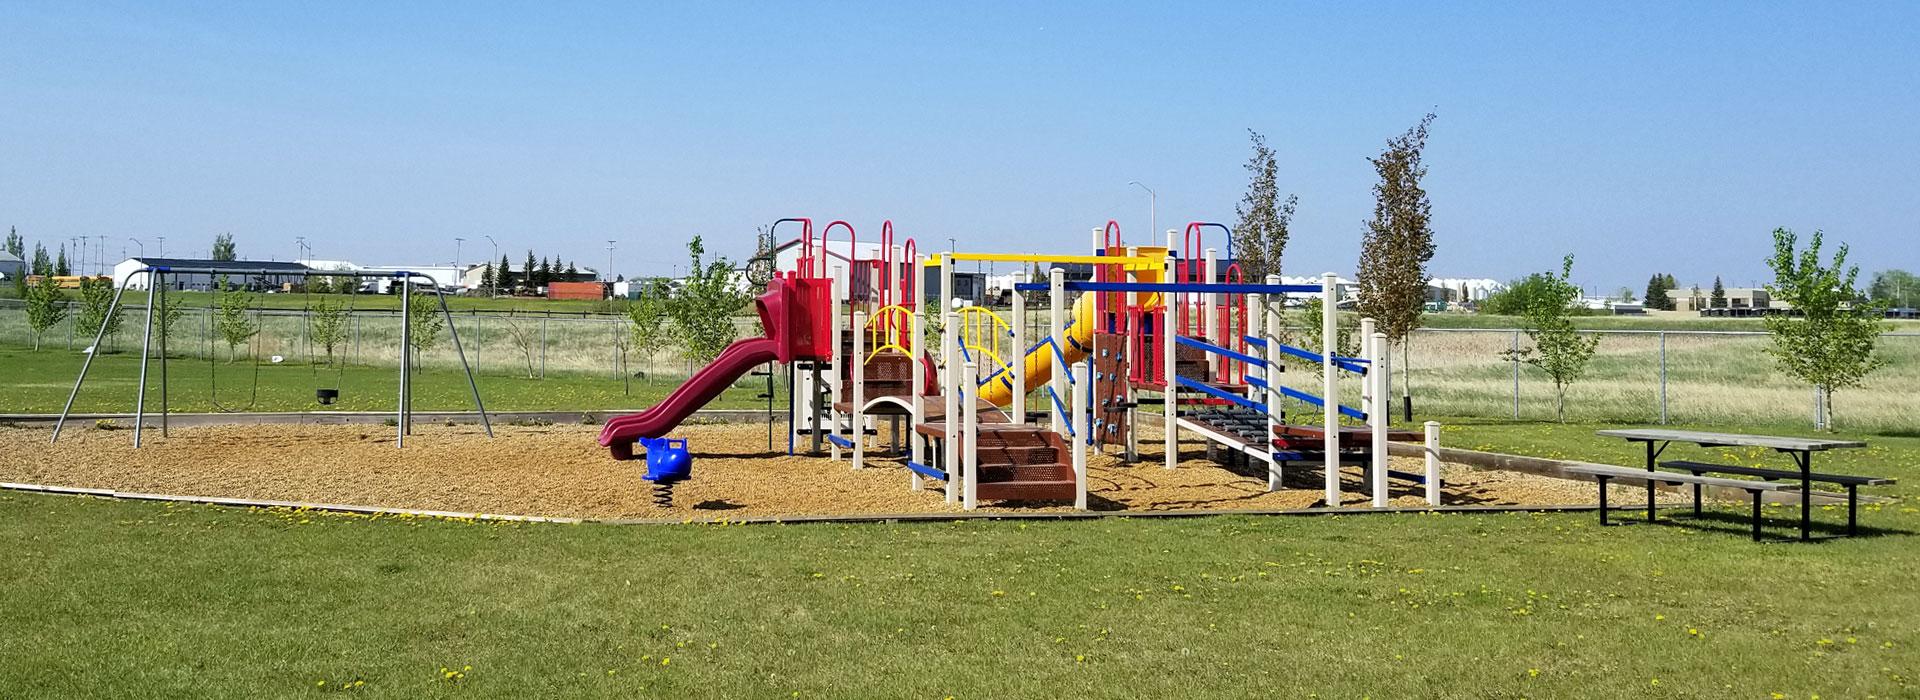 CRE-RV-Park-PlayGround-004